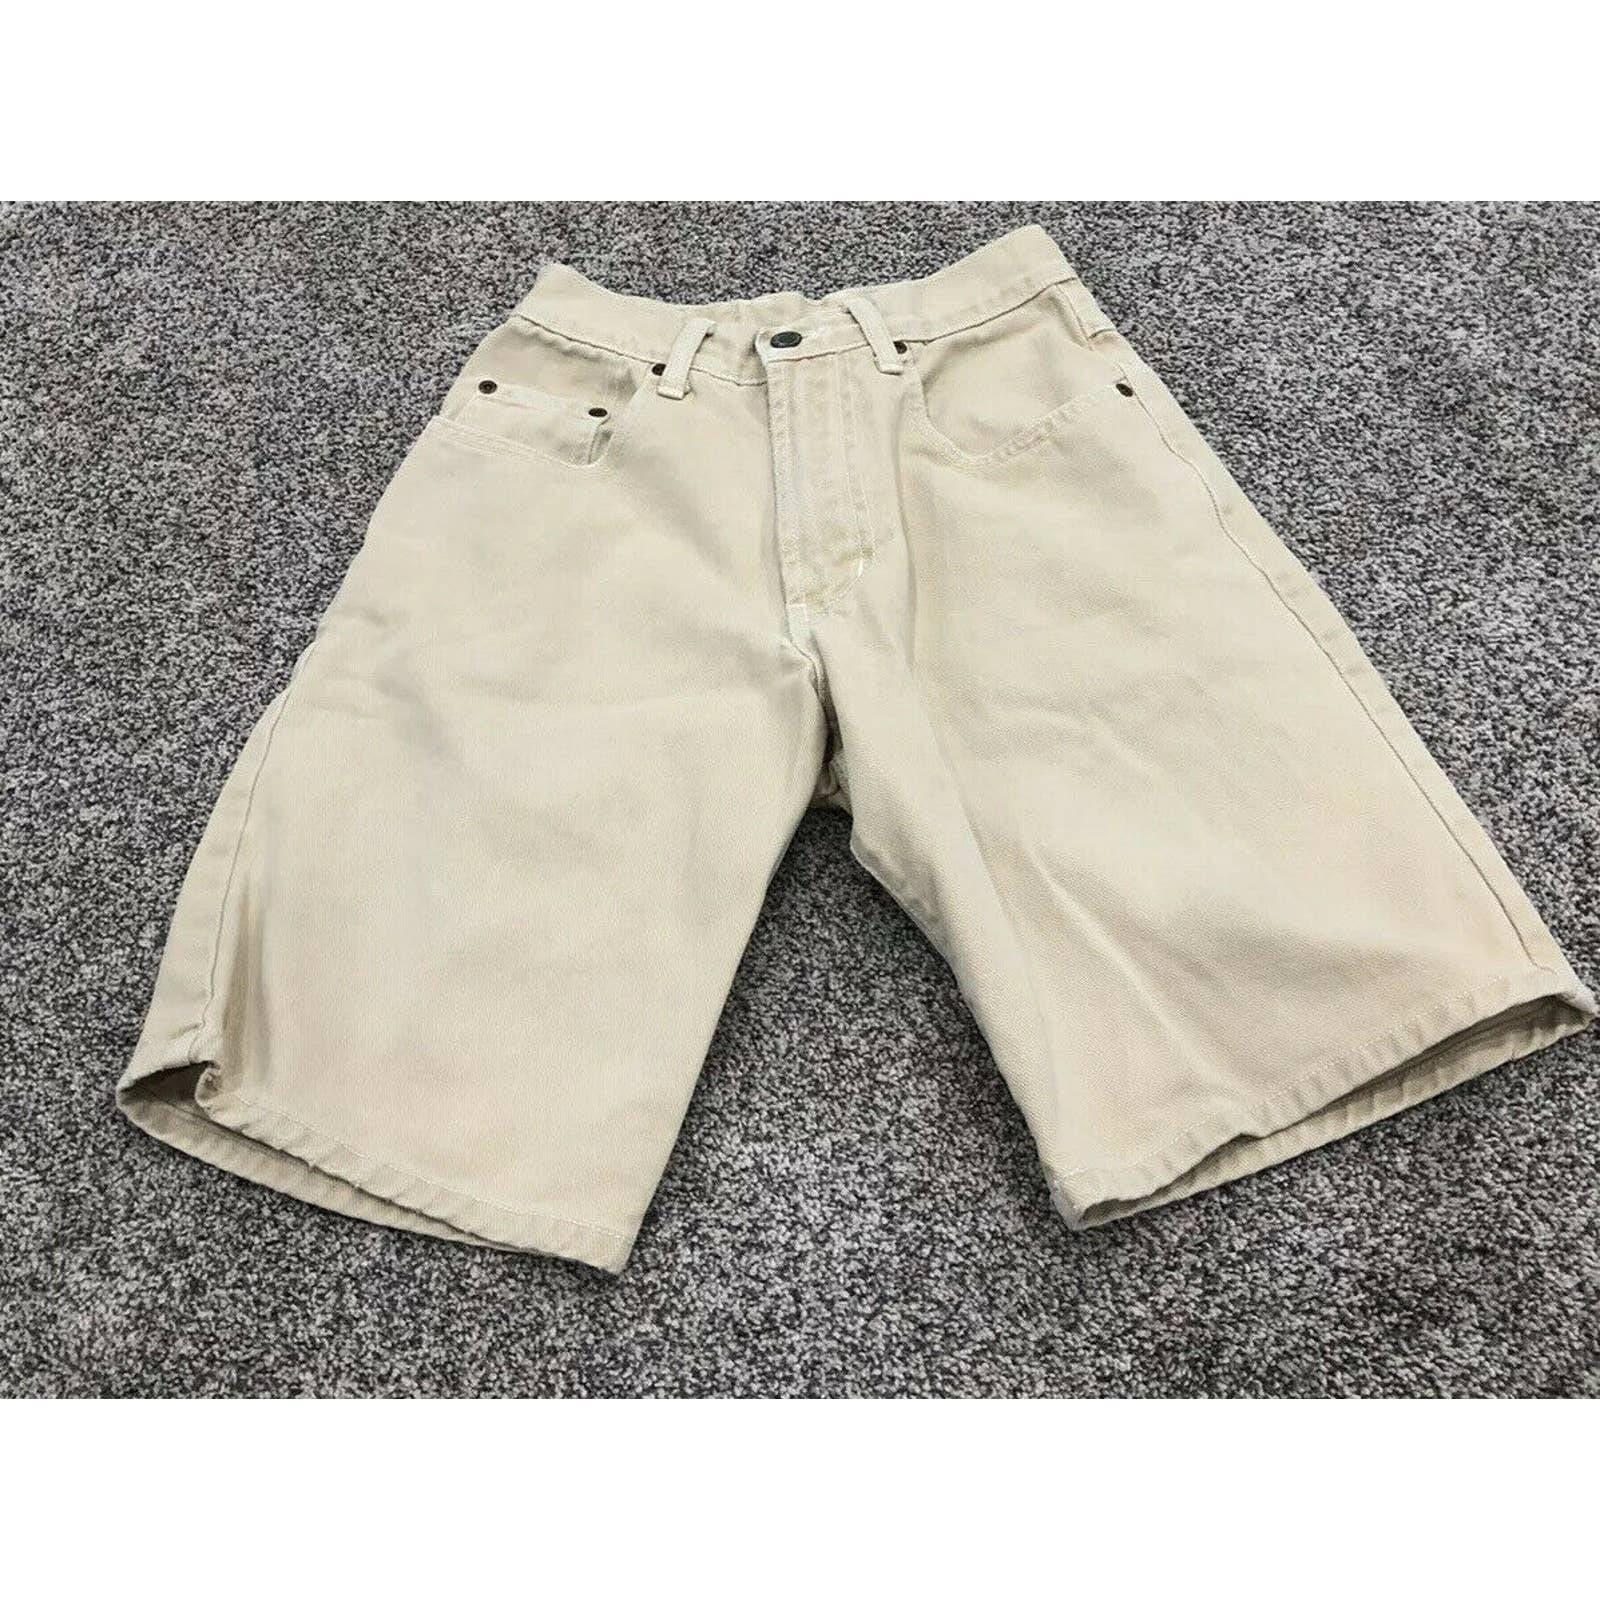 Vtg Lucky Brand Shorts High Rise 26